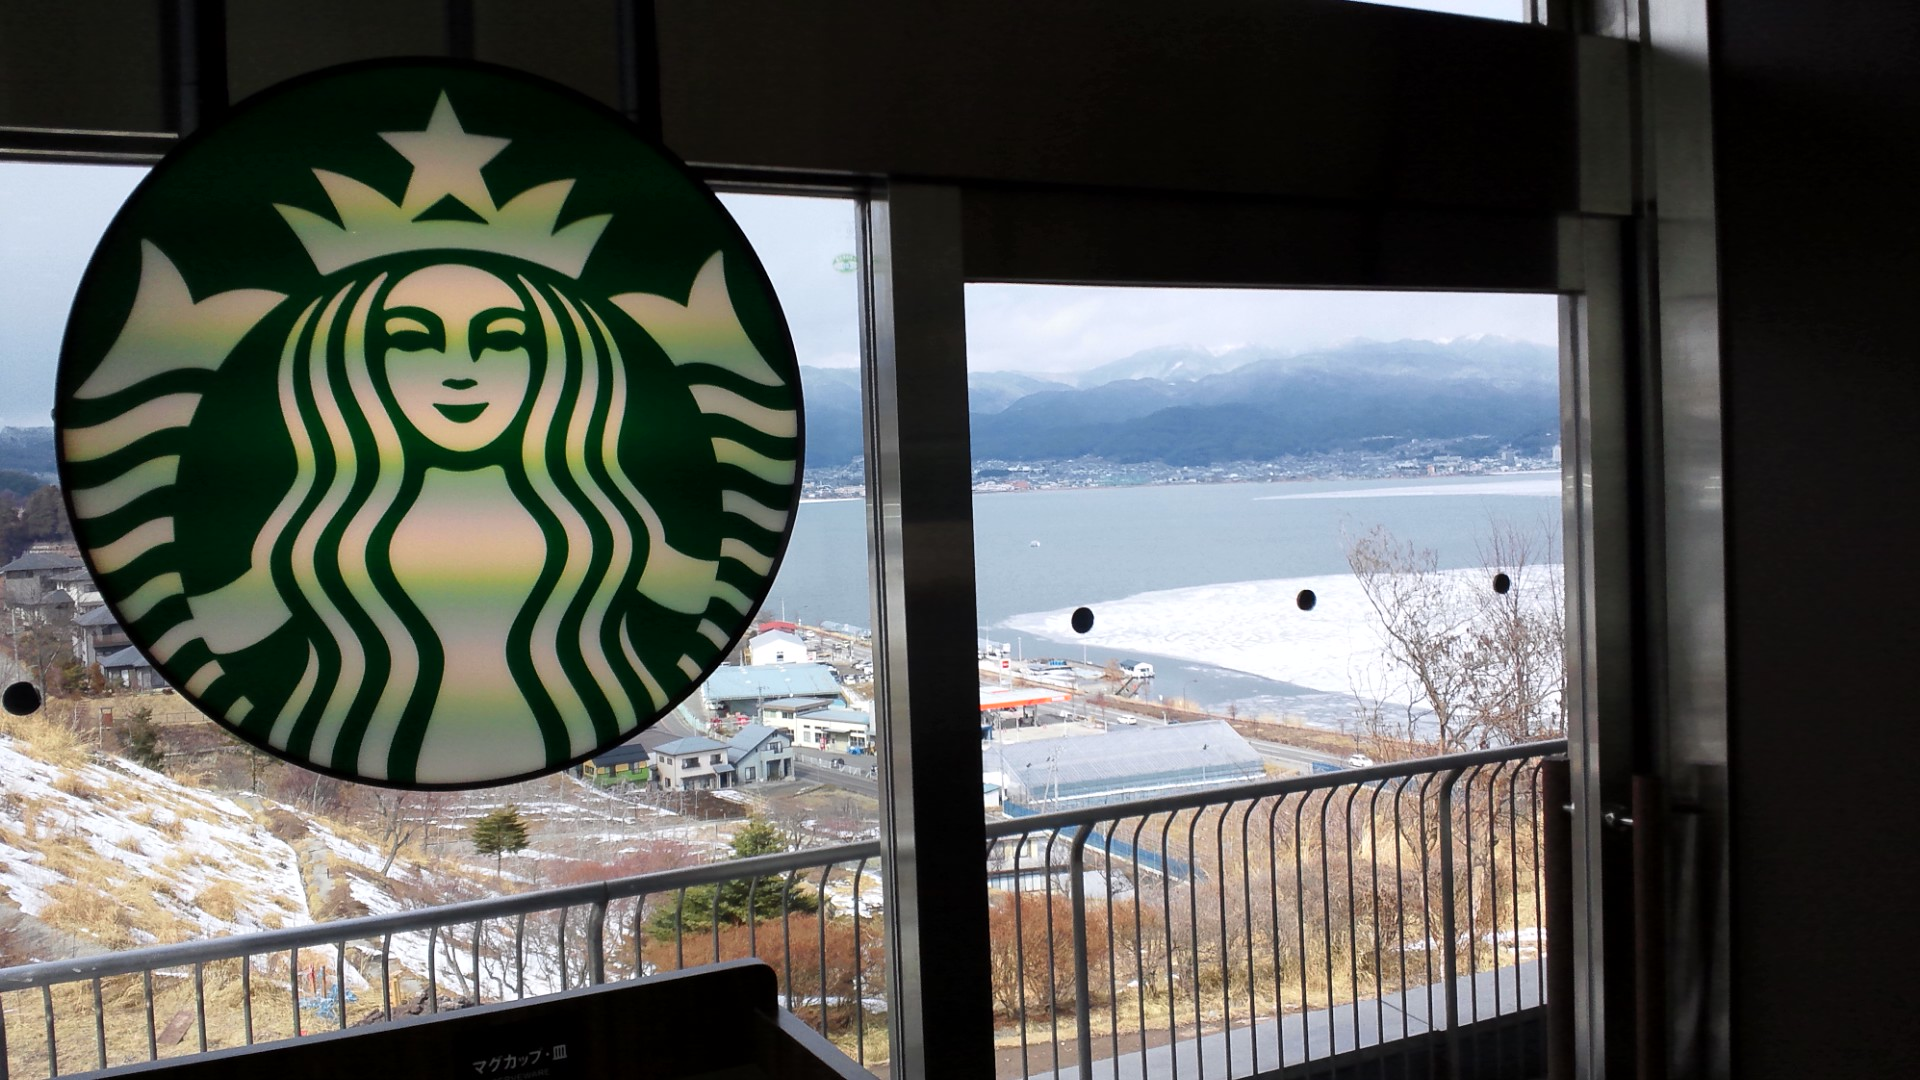 スターバックスコーヒー 諏訪湖サービスエリア(上り線)店